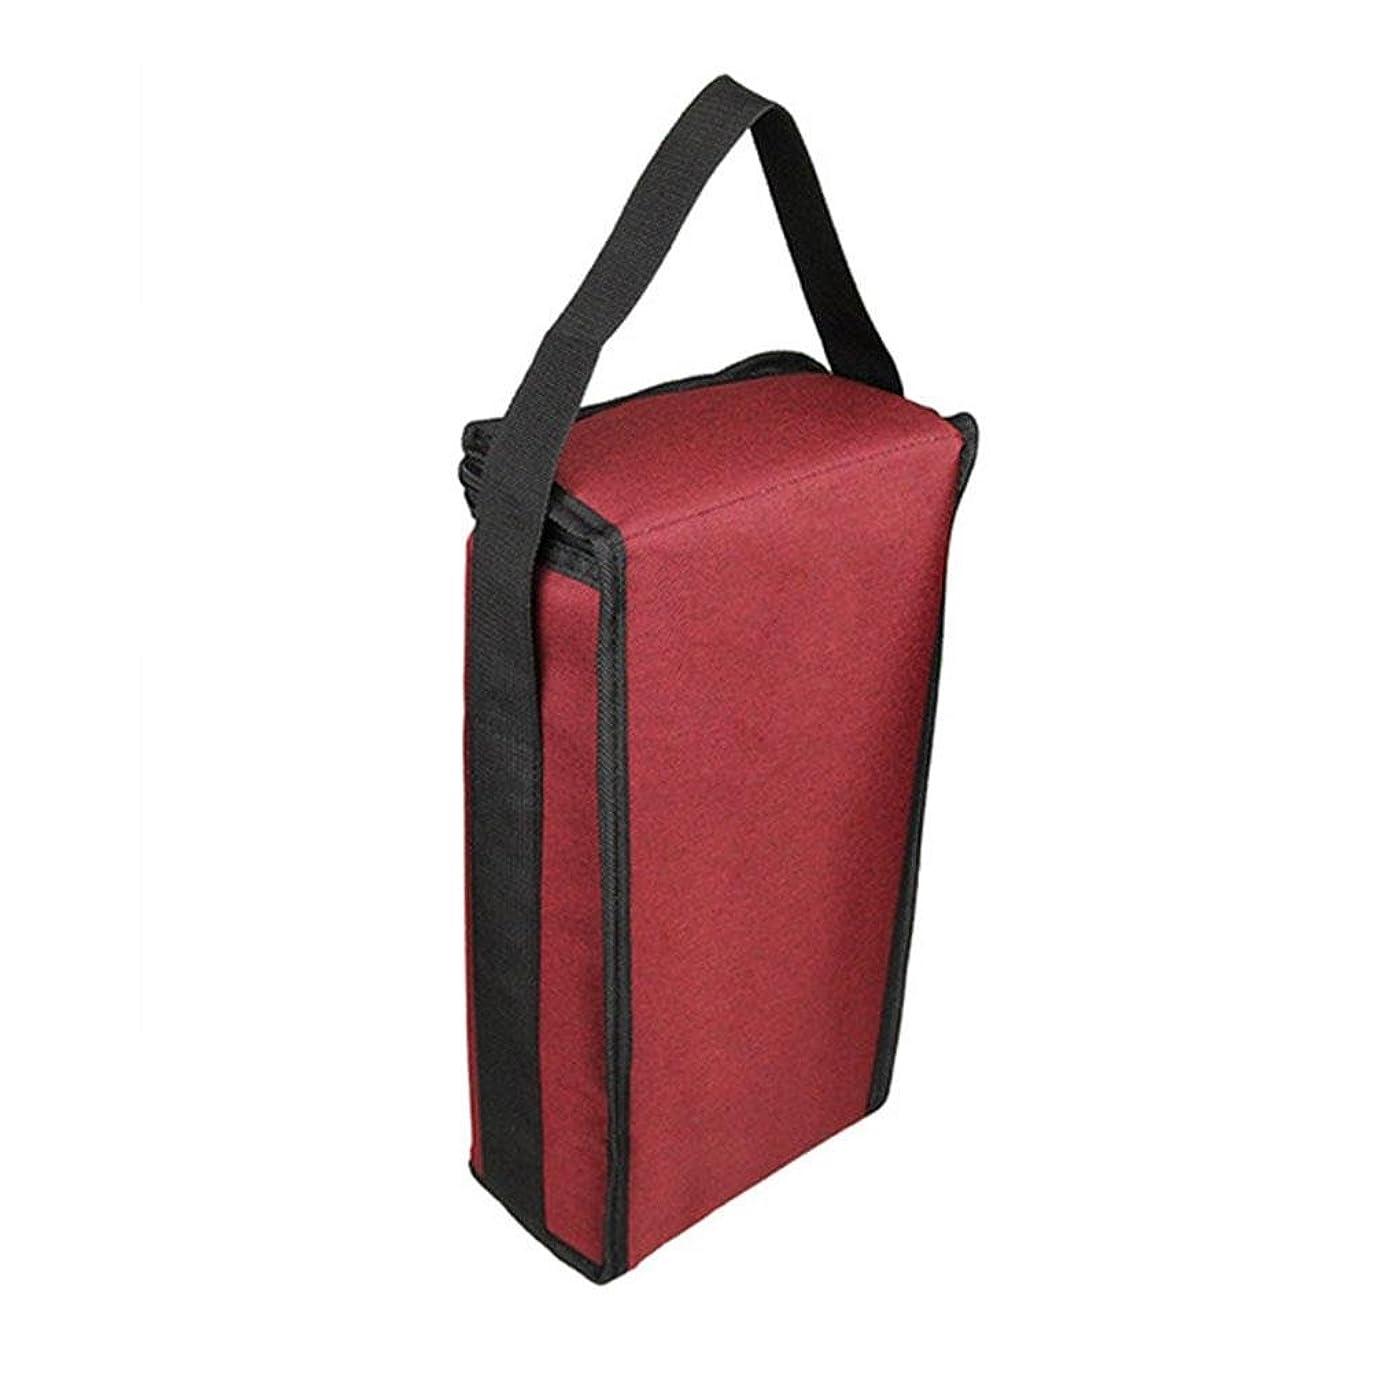 ペアつぶやき医学TeFuAnAn 2本入り ワイン保冷バッグ ワインバッグ 保冷 ポータブル オックスフォード製 防水